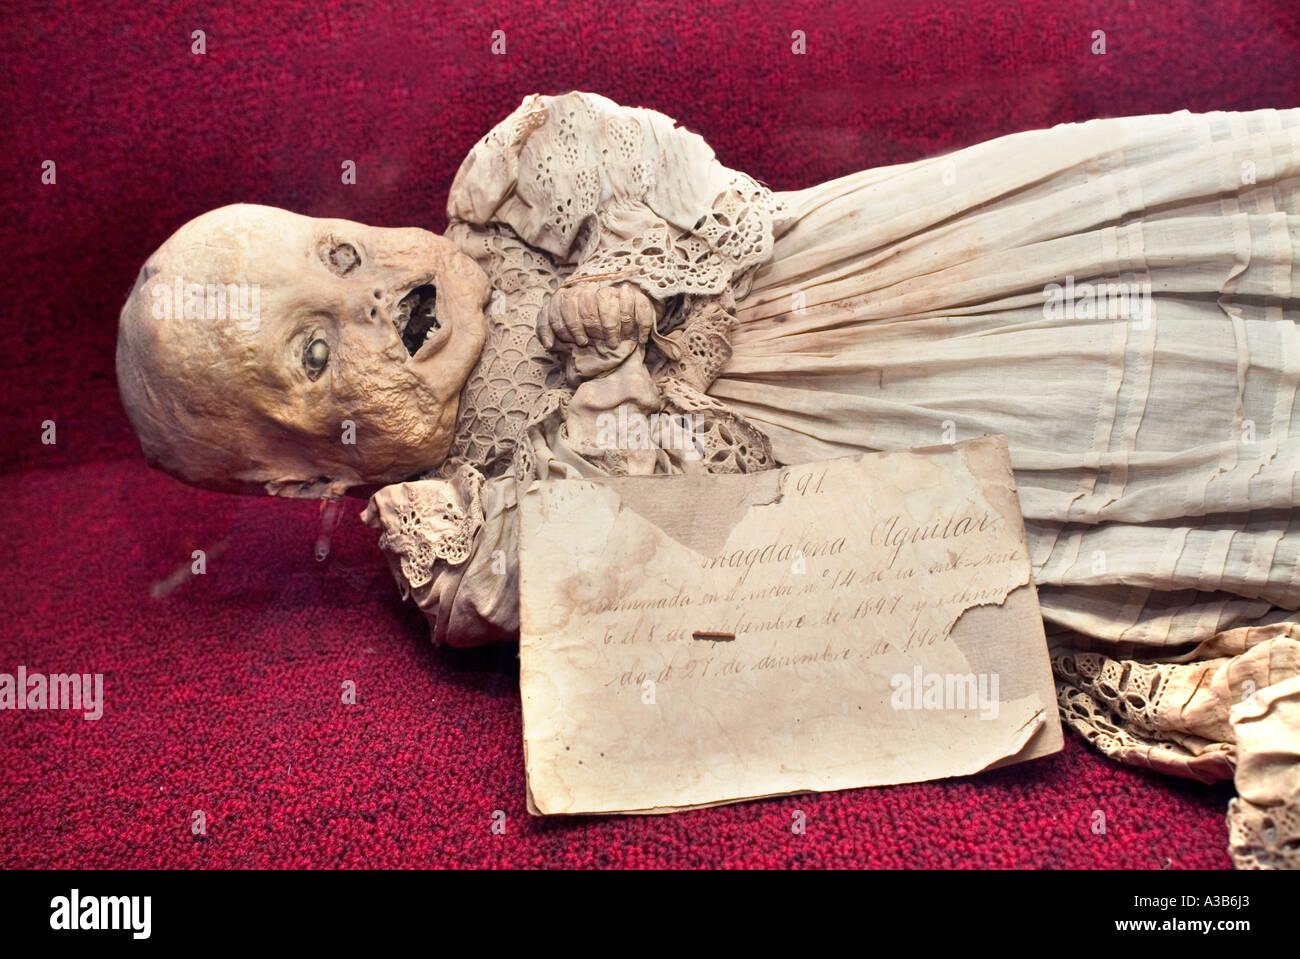 Mummy Museum known as El Museo de las Momias Guanajuato Mexico - Stock Image